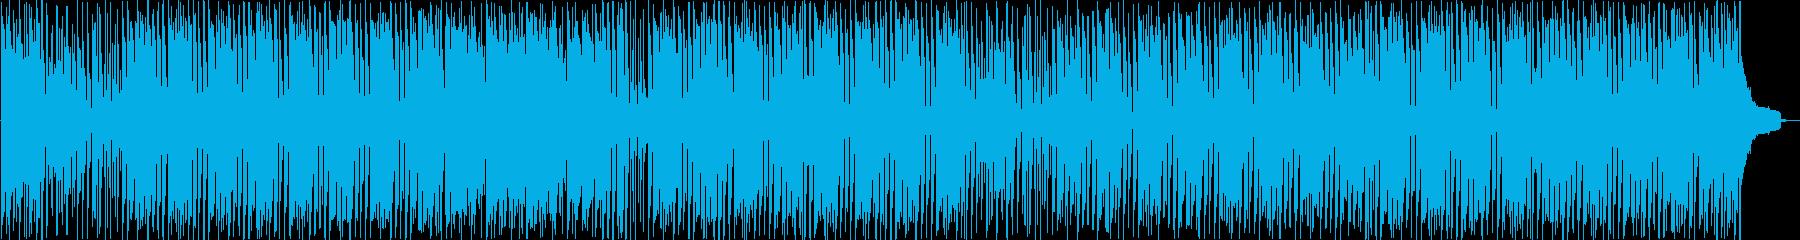 明るいハッピーなアコースティックBGM!の再生済みの波形